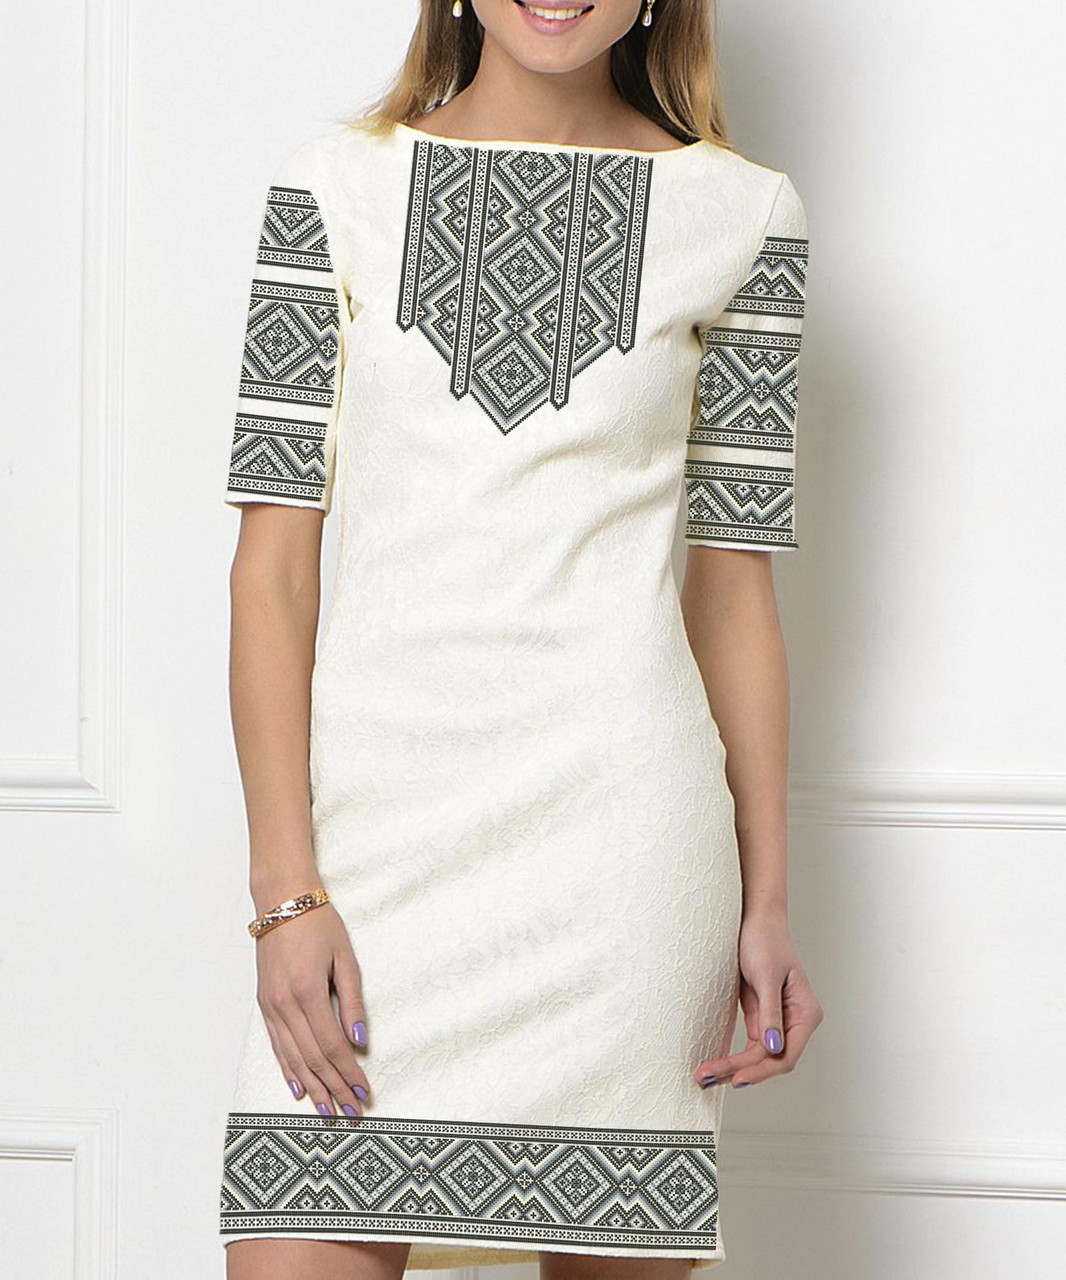 f74c099adaaf8b Заготовка жіночого плаття чи сукні для вишивки та вишивання бісером Бисерок  «Монохром 76» (П-76 )